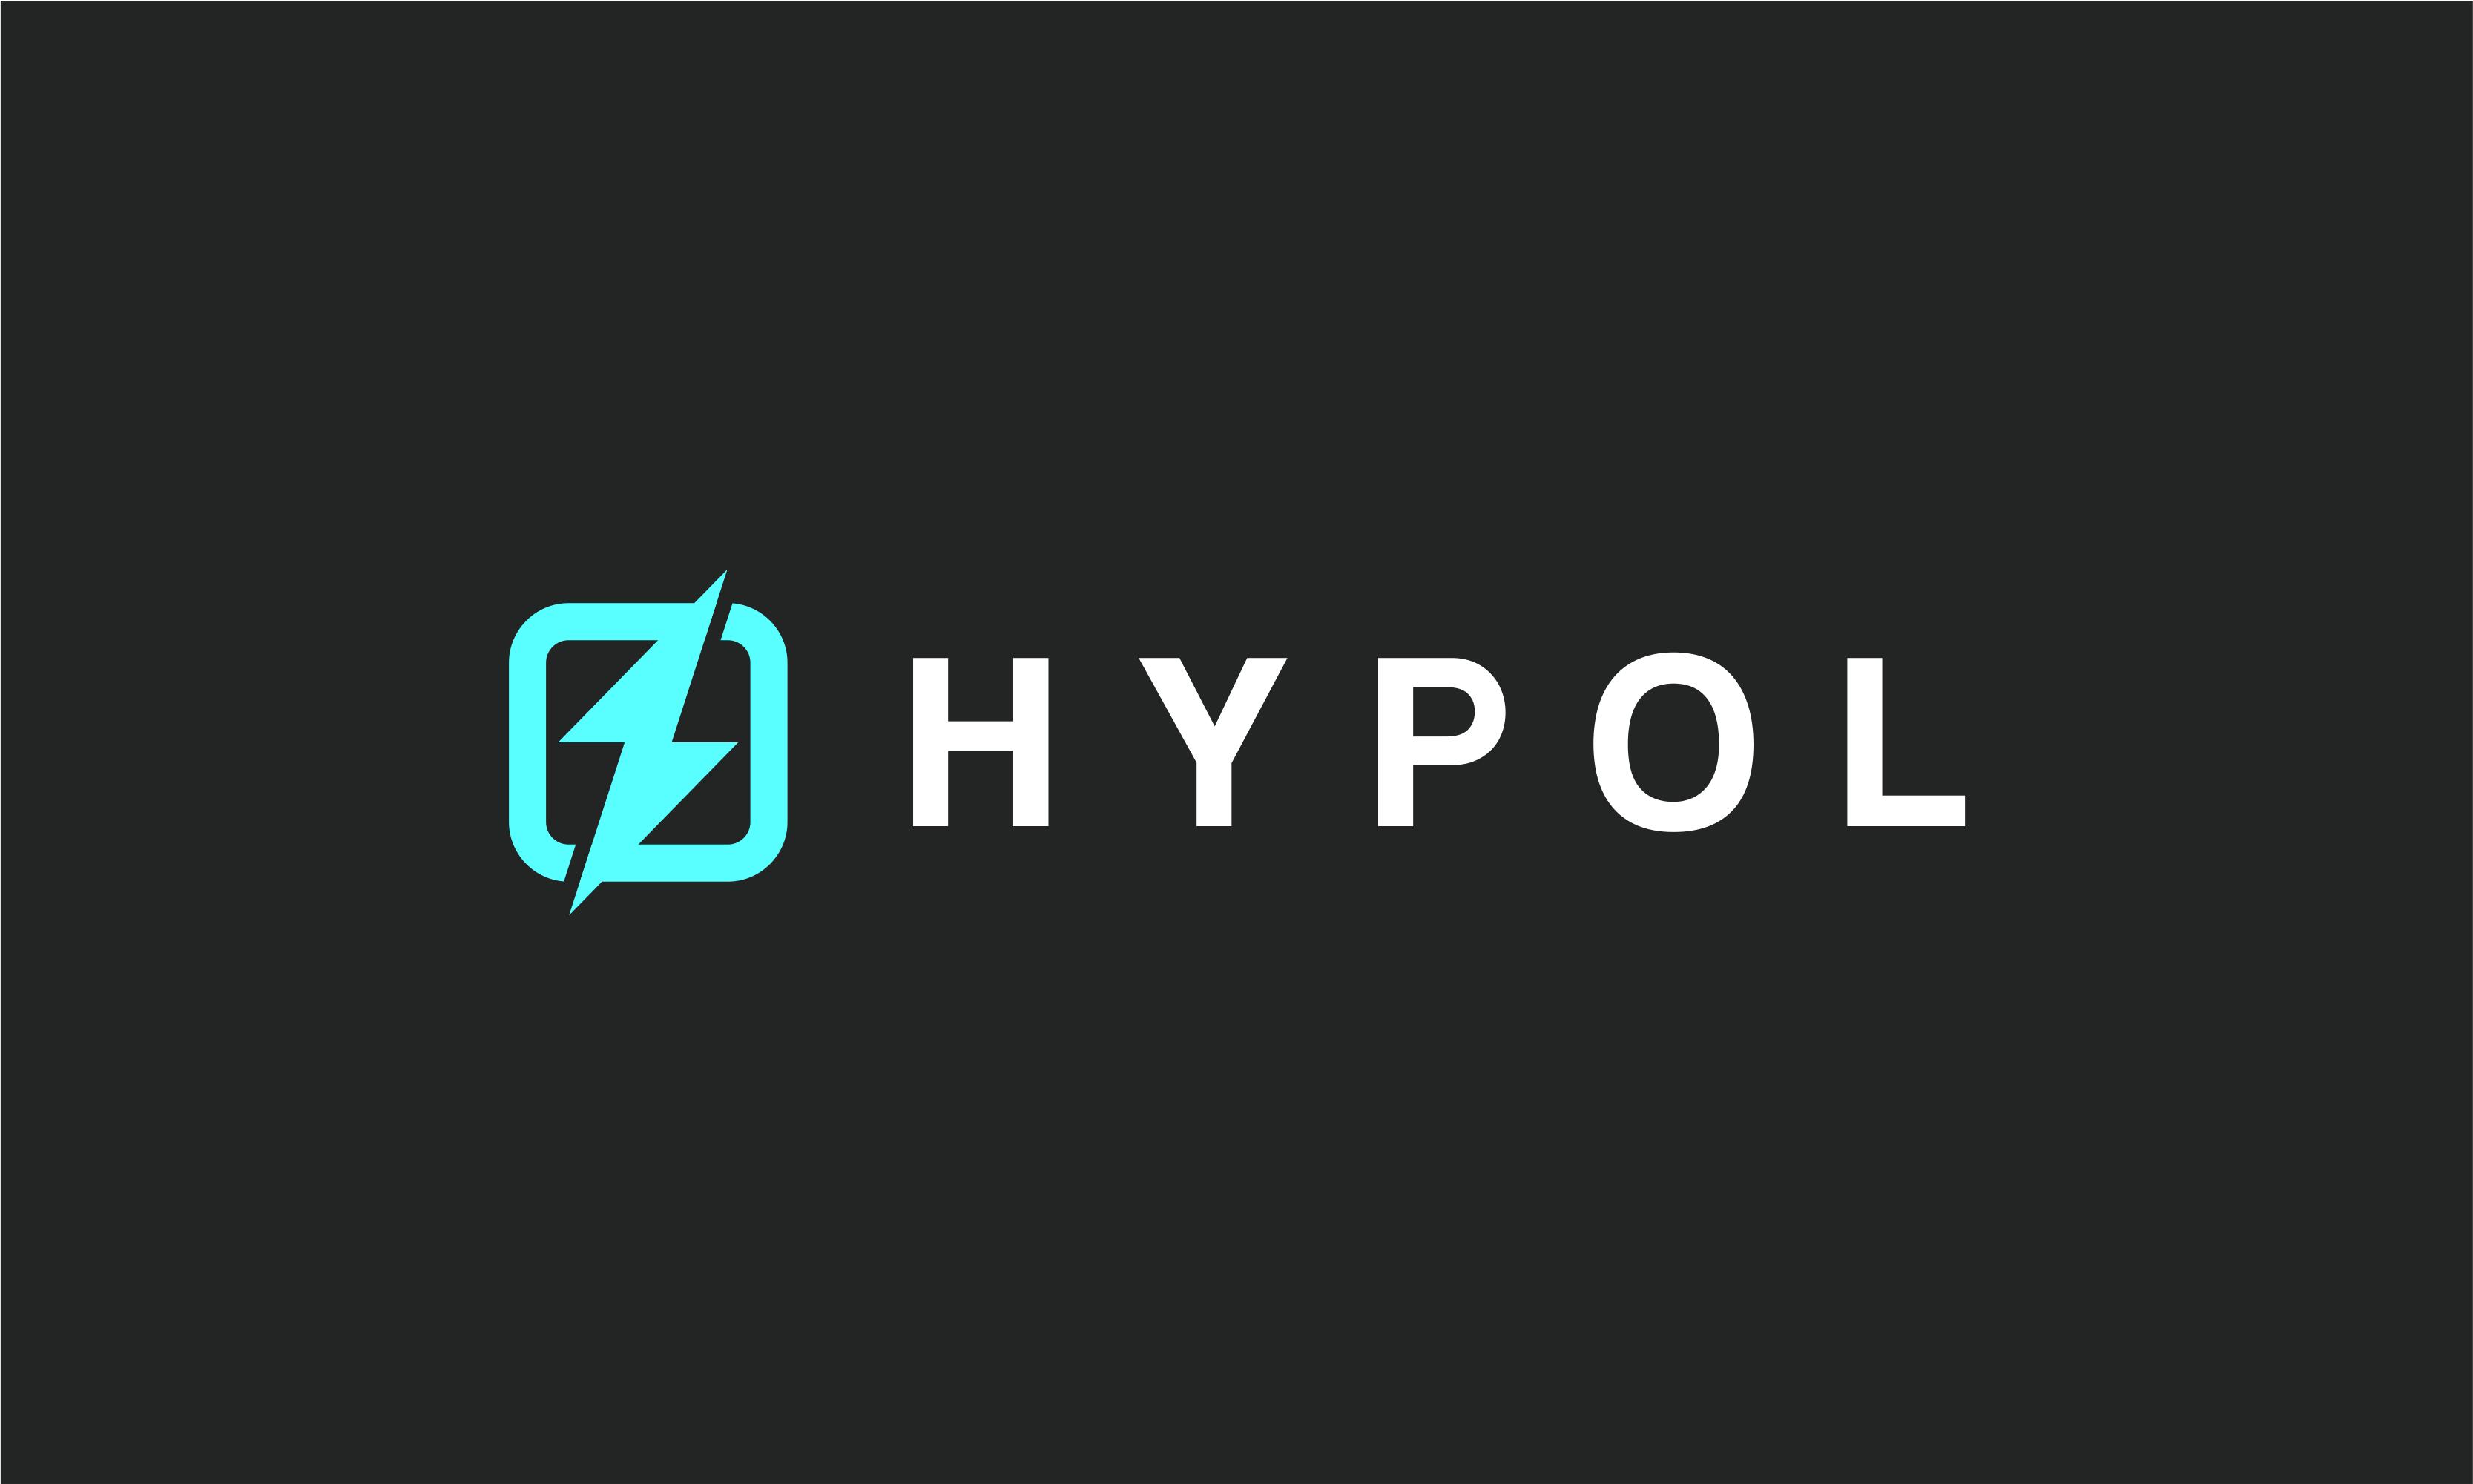 Hypol